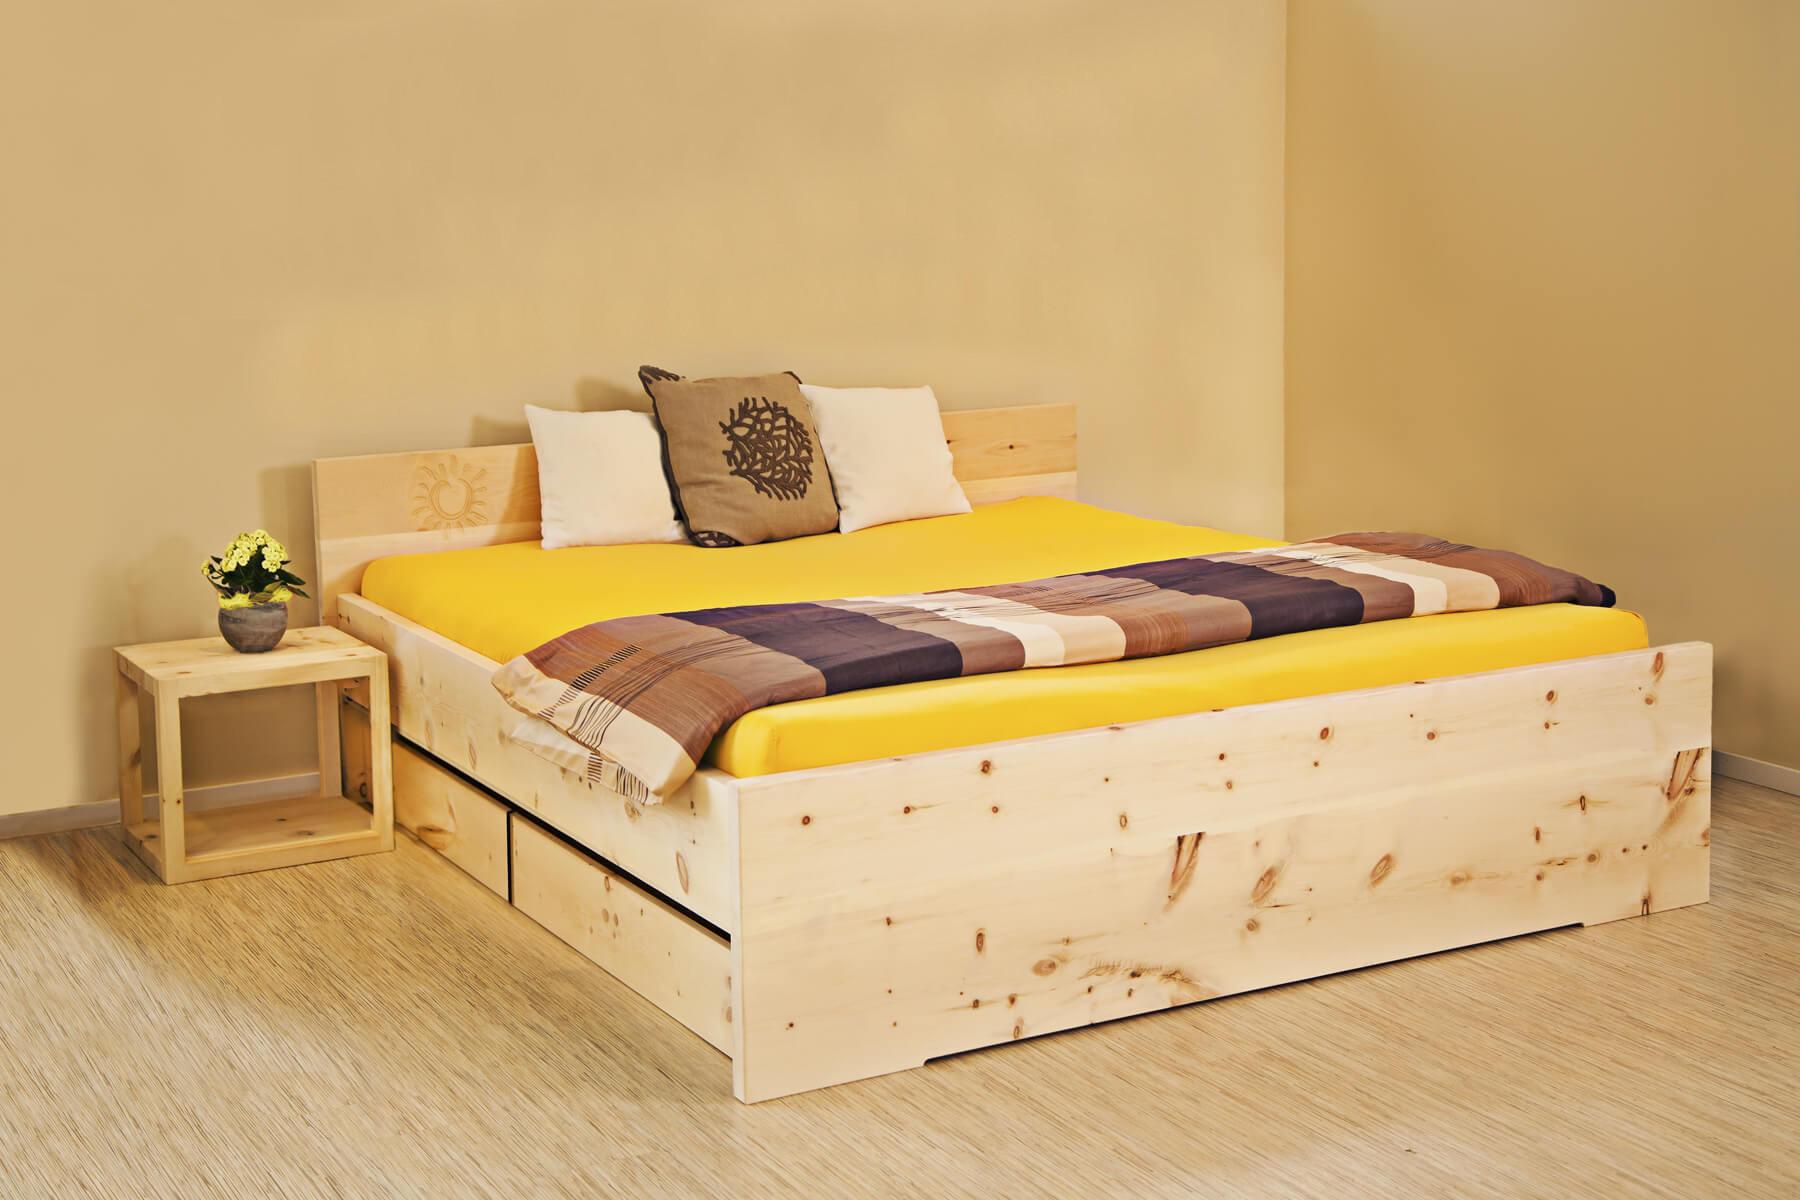 harry sally mit stauraum metallfreie massivholzbetten. Black Bedroom Furniture Sets. Home Design Ideas